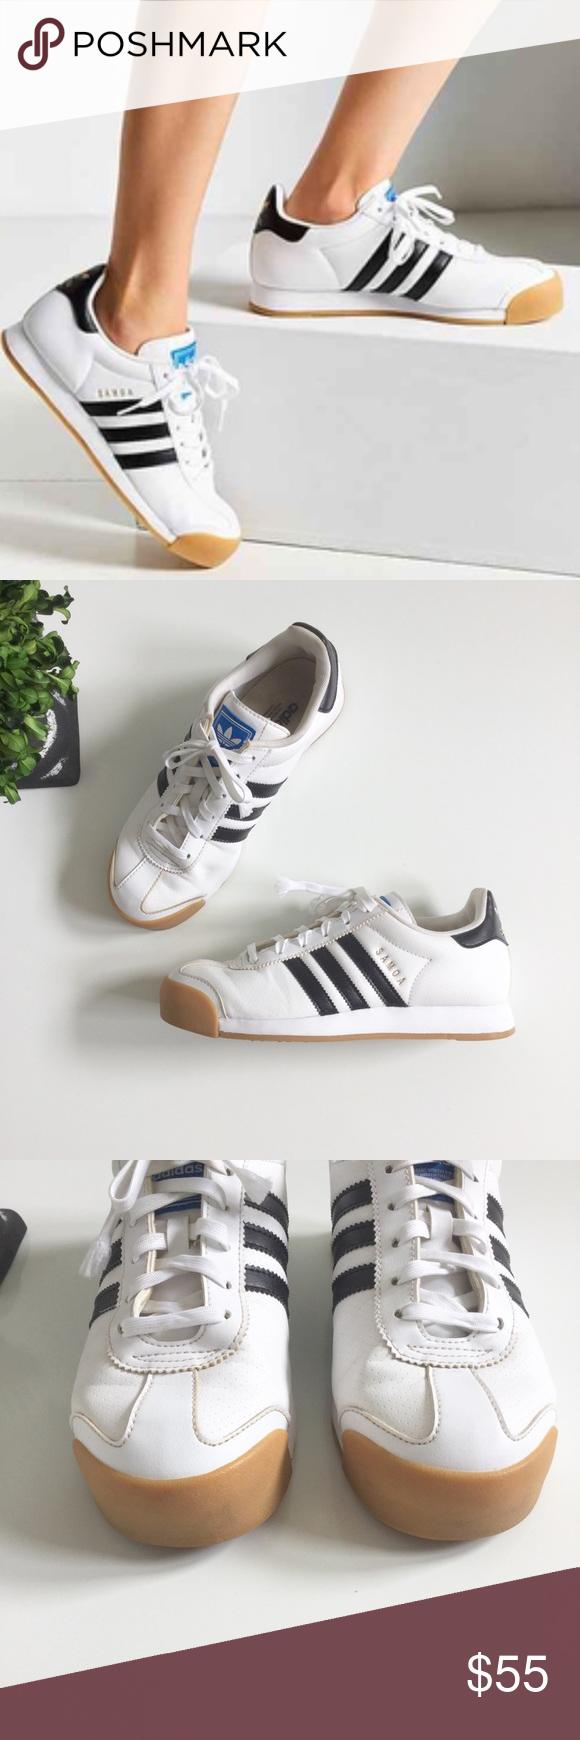 Adidas Samoa perforada suela de goma de Pinterest